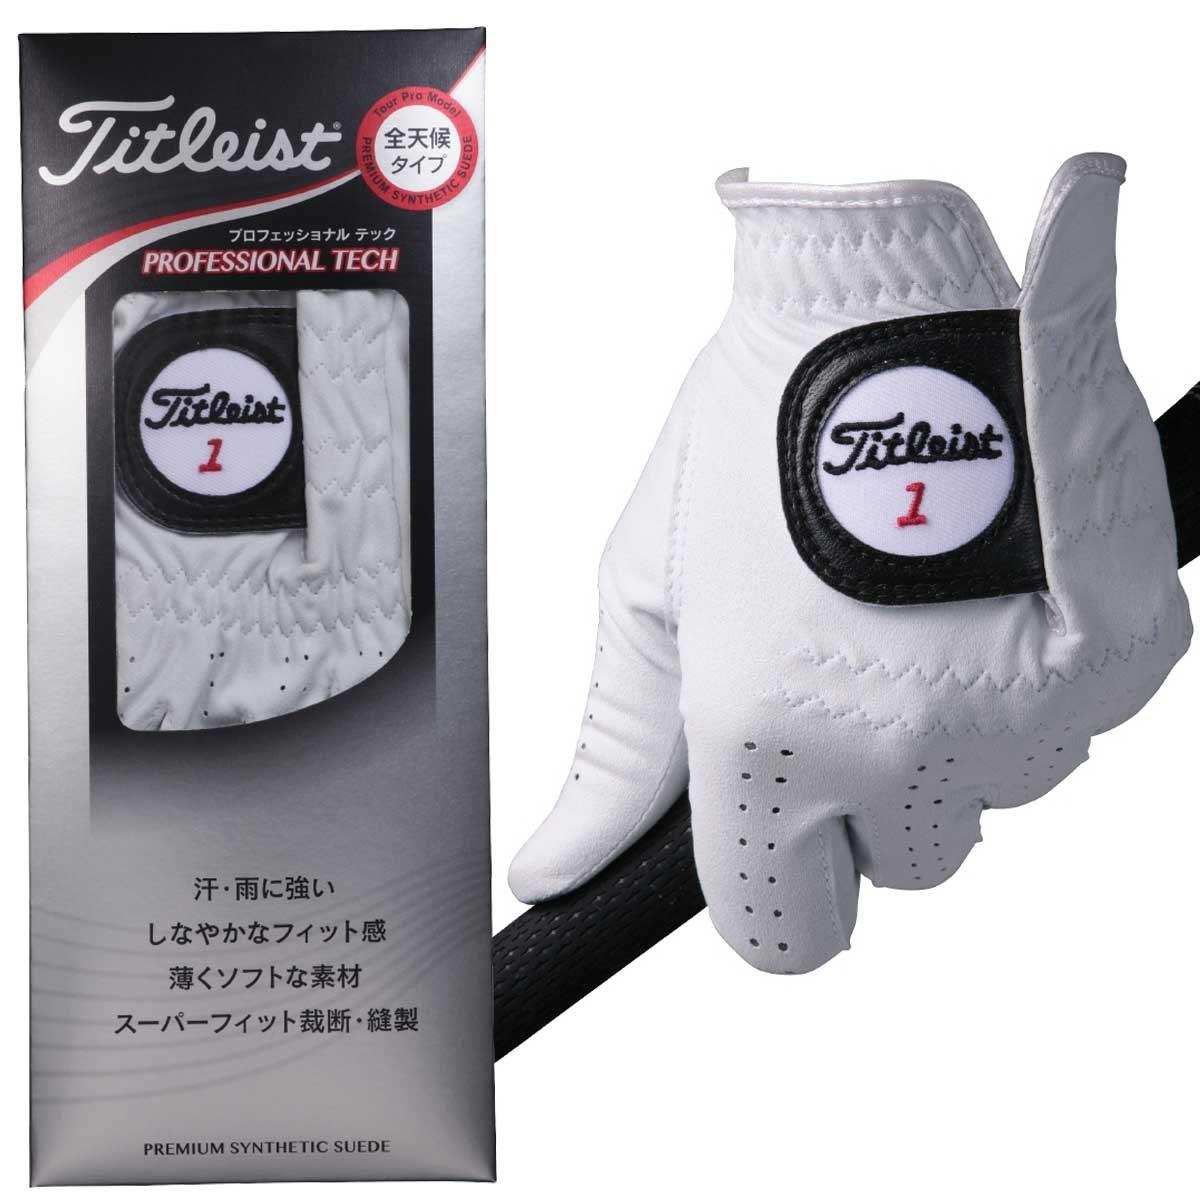 タイトリスト TITLEIST 16 プロフェッショナルテックグローブ 25cm 左手着用(右利き用) ホワイト